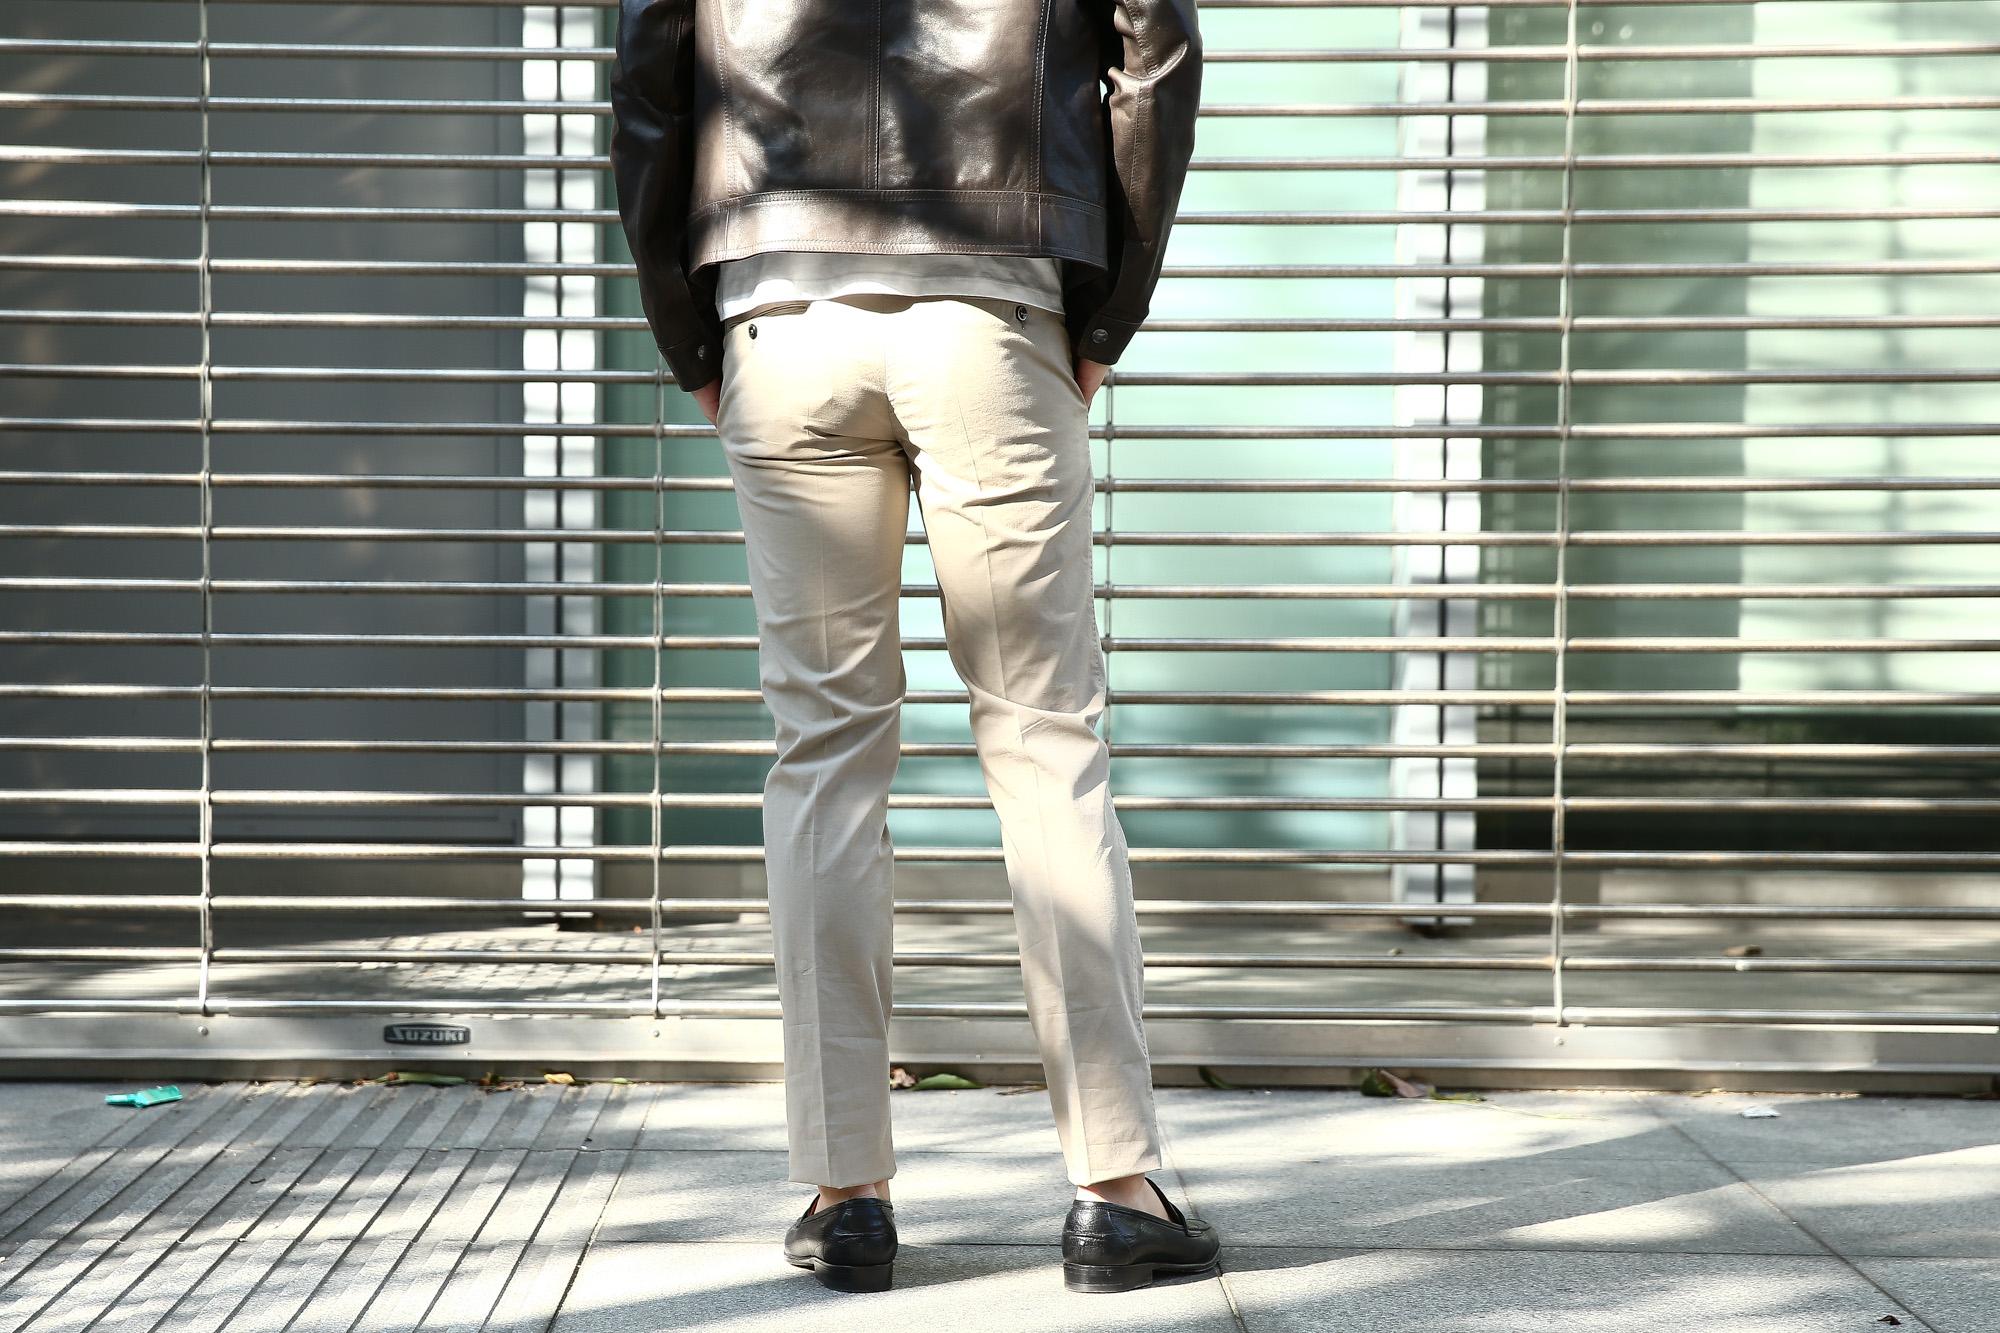 PT01 (ピーティーゼロウーノ) BUSINESS (ビジネス) SUPER SLIM FIT (スーパースリムフィット) Lux Cloth ストレッチ コットン スラックス パンツ GREGE (グレージュ・0106) 2018 春夏新作 pt01 チノ チノパン チノスラックス 愛知 名古屋 ZODIAC ゾディアック